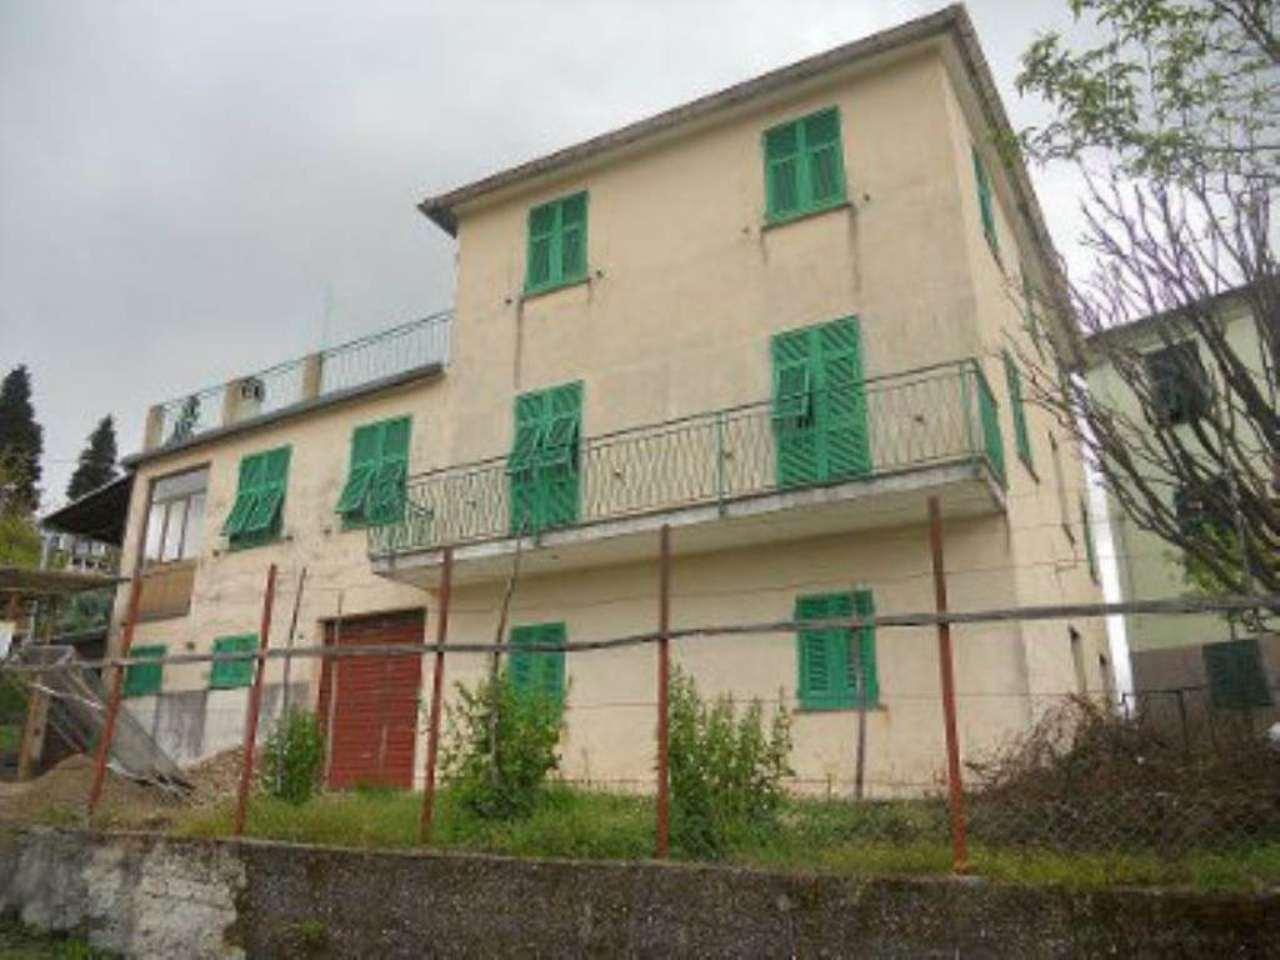 Magazzino in vendita a Cicagna, 9999 locali, prezzo € 39.000 | PortaleAgenzieImmobiliari.it